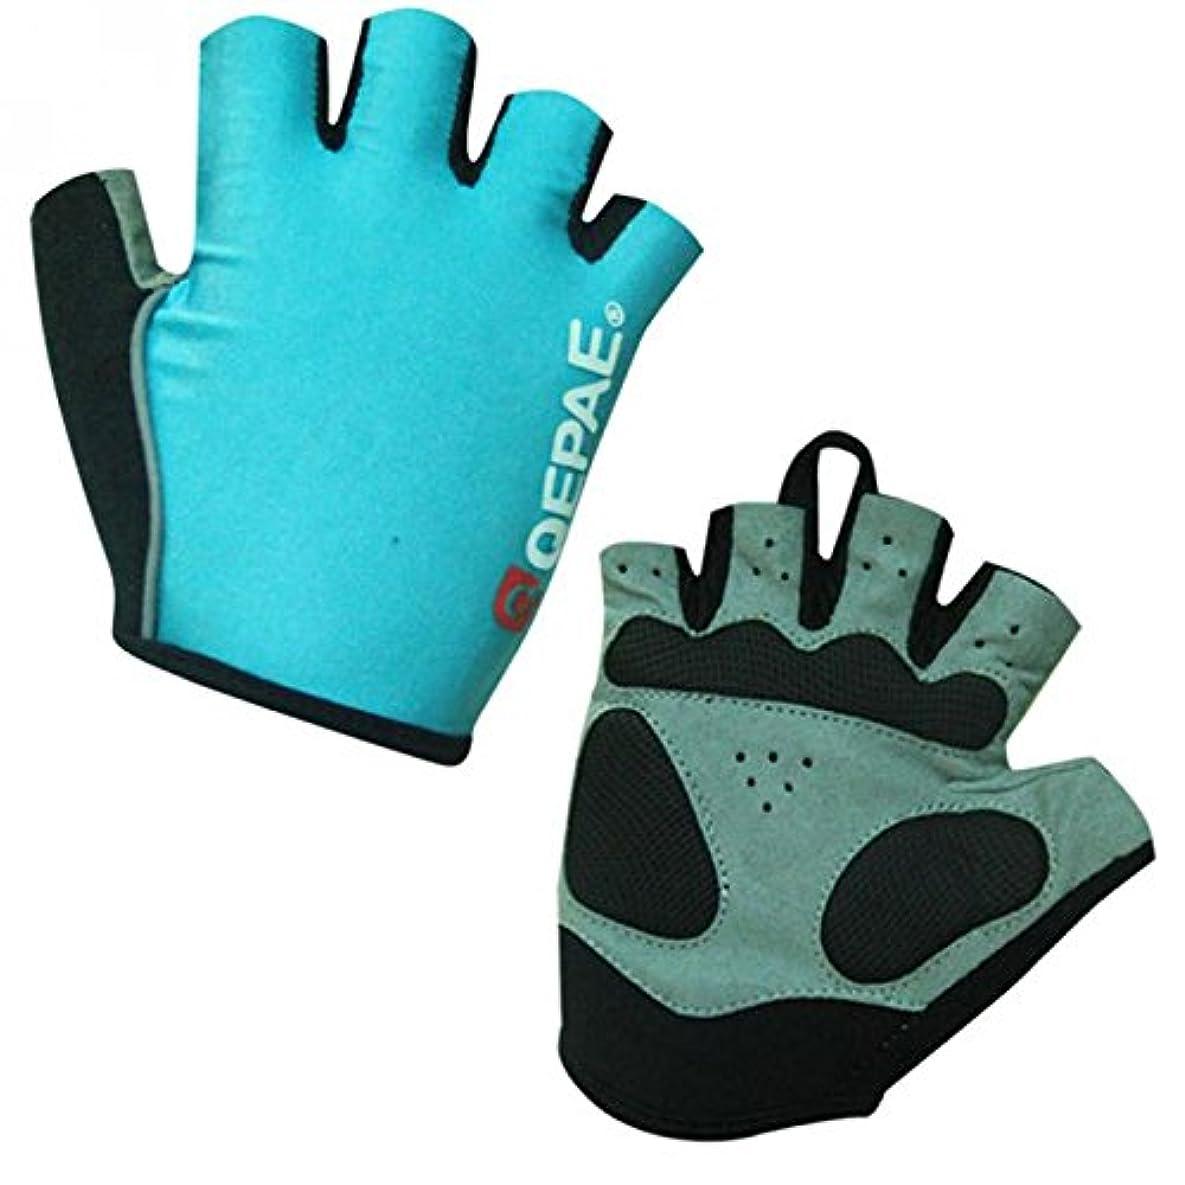 柔和清める不承認GRALARA耐久性 アウトドア MTB 自転車 乗馬 サイクリング 反射 ハーフフィンガー グローブ 手袋 4色4サイズ選べる - 青, S